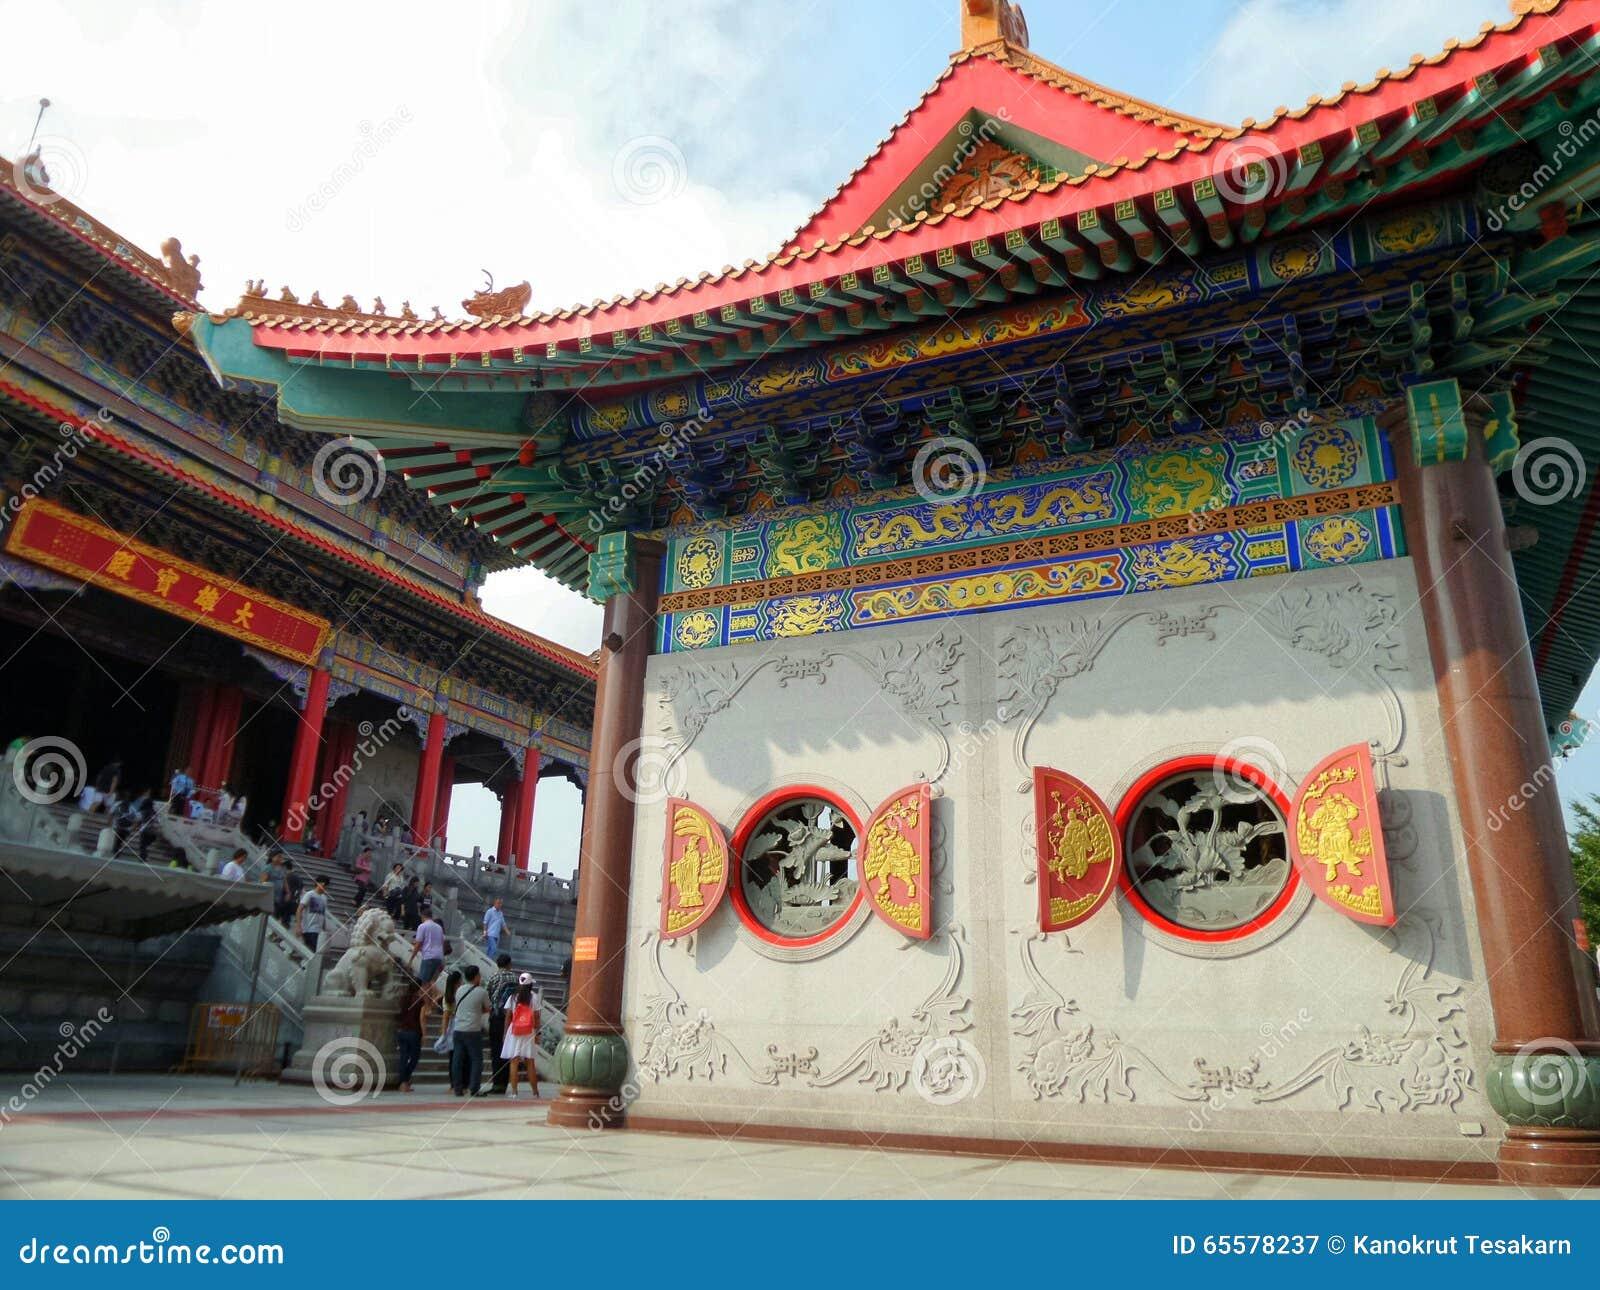 Construção do estilo chinês e janela redonda de madeira do vermelho e do ouro com escultura chinesa nativa